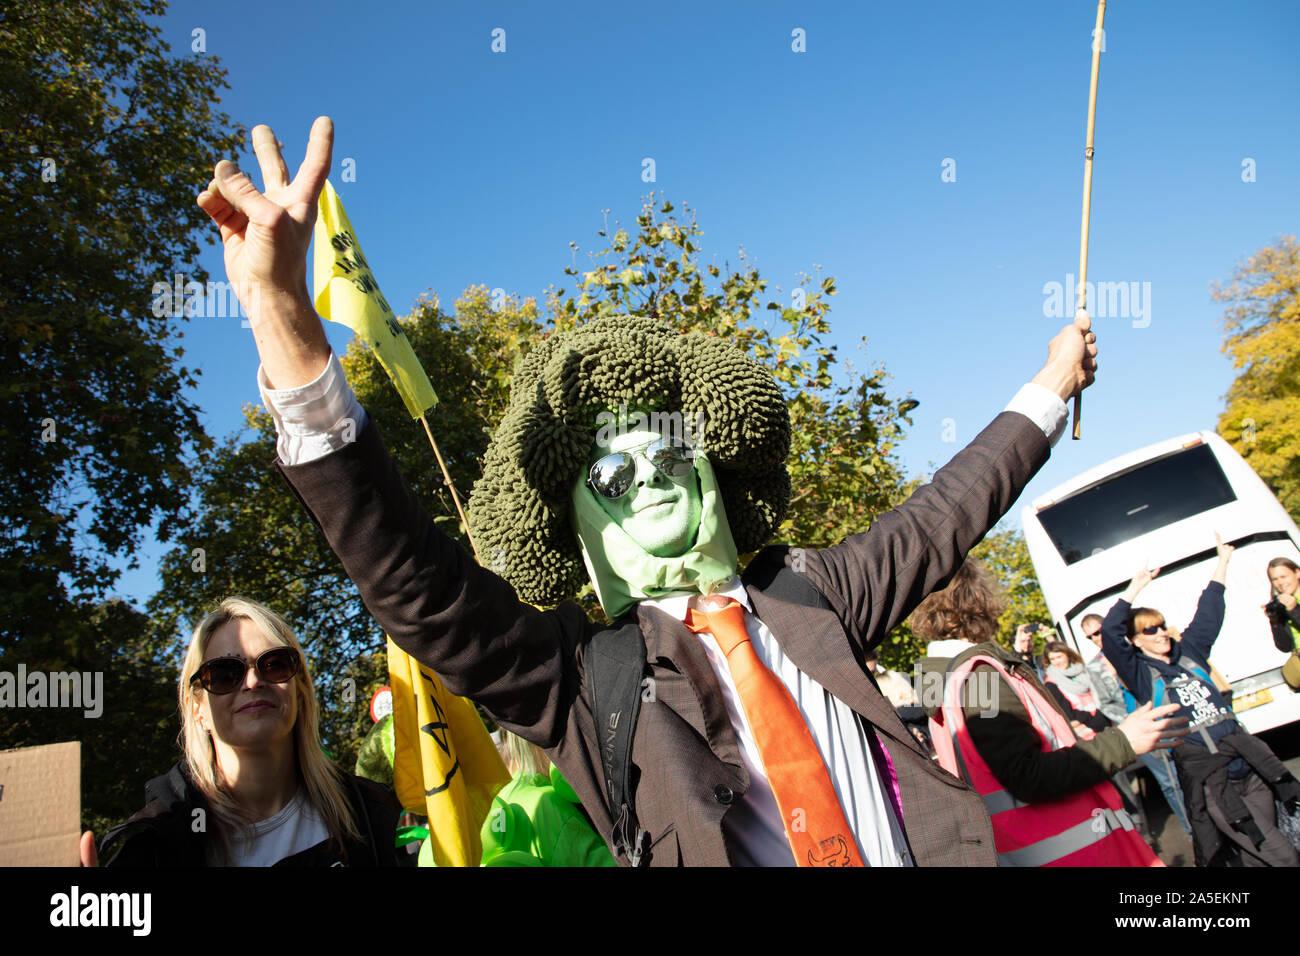 Señor brócoli o Roland Everson visto en Park Lane, Londres durante una marcha de protesta por el movimiento de rebelión Animal, una rama de extinción rebelión. Foto de stock